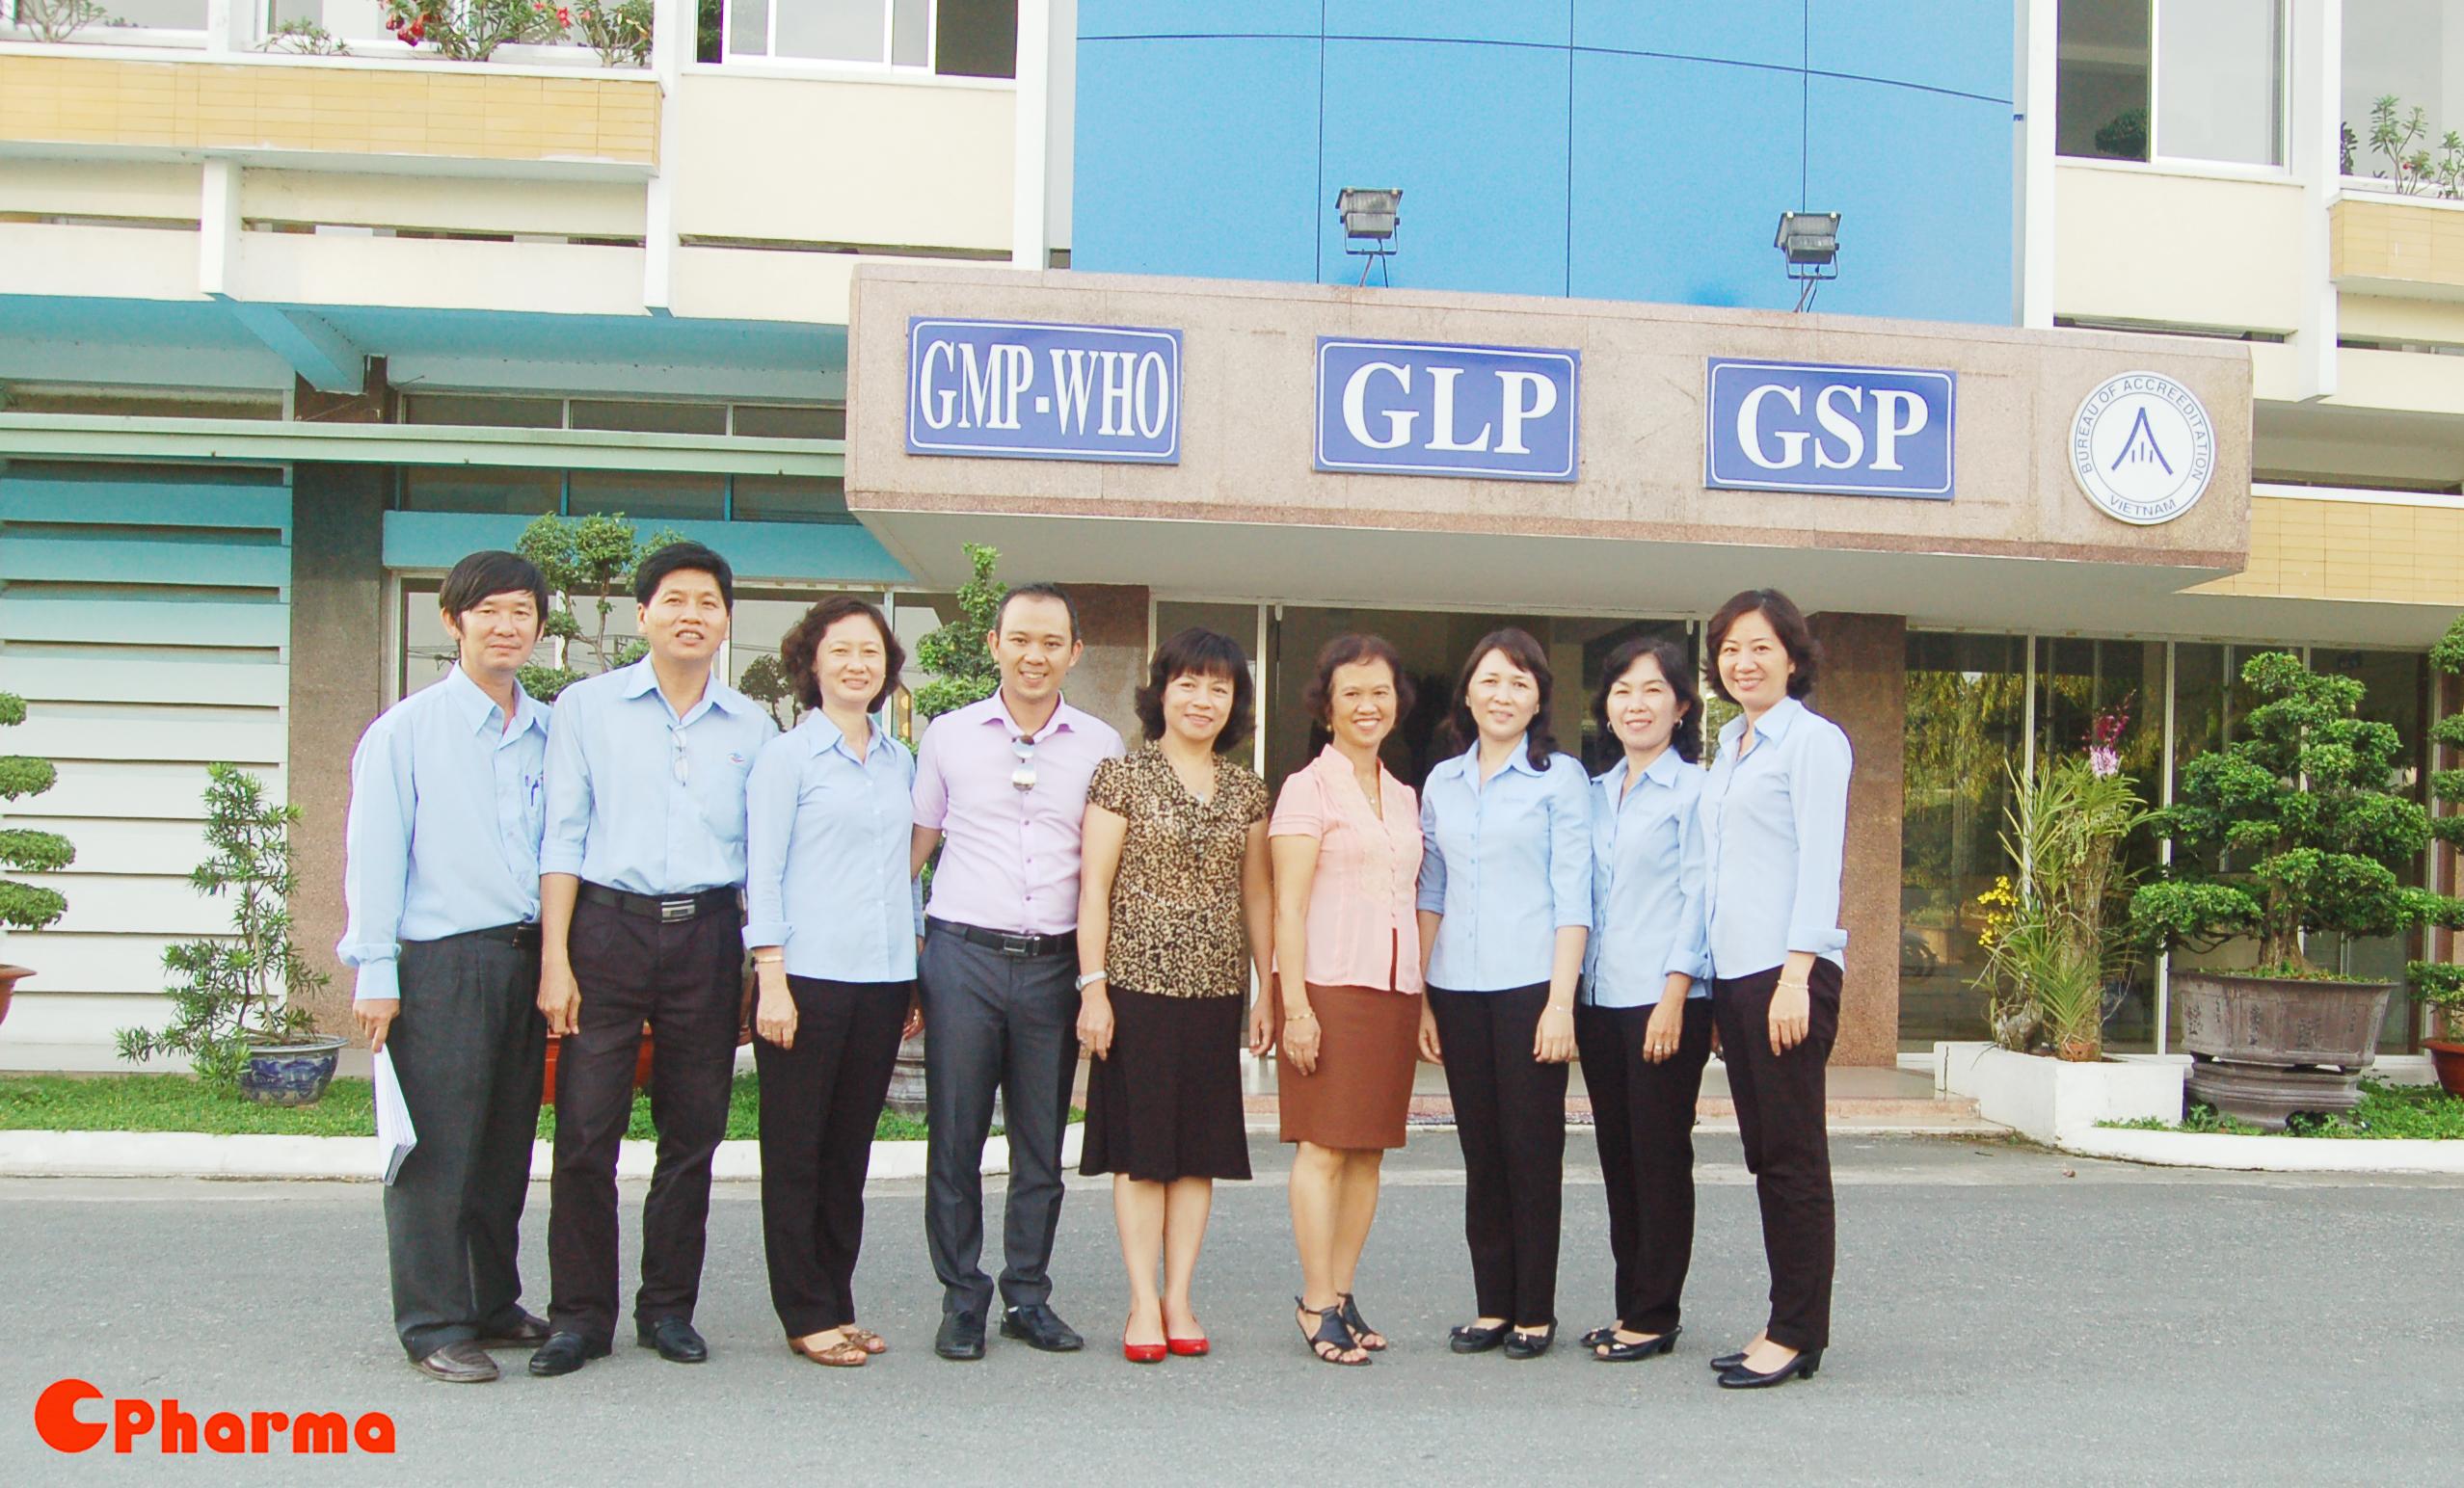 Giảng viên từ CPharma chụp ảnh lưu niệm cùng các cán bộ lãnh đạo DHG Pharma